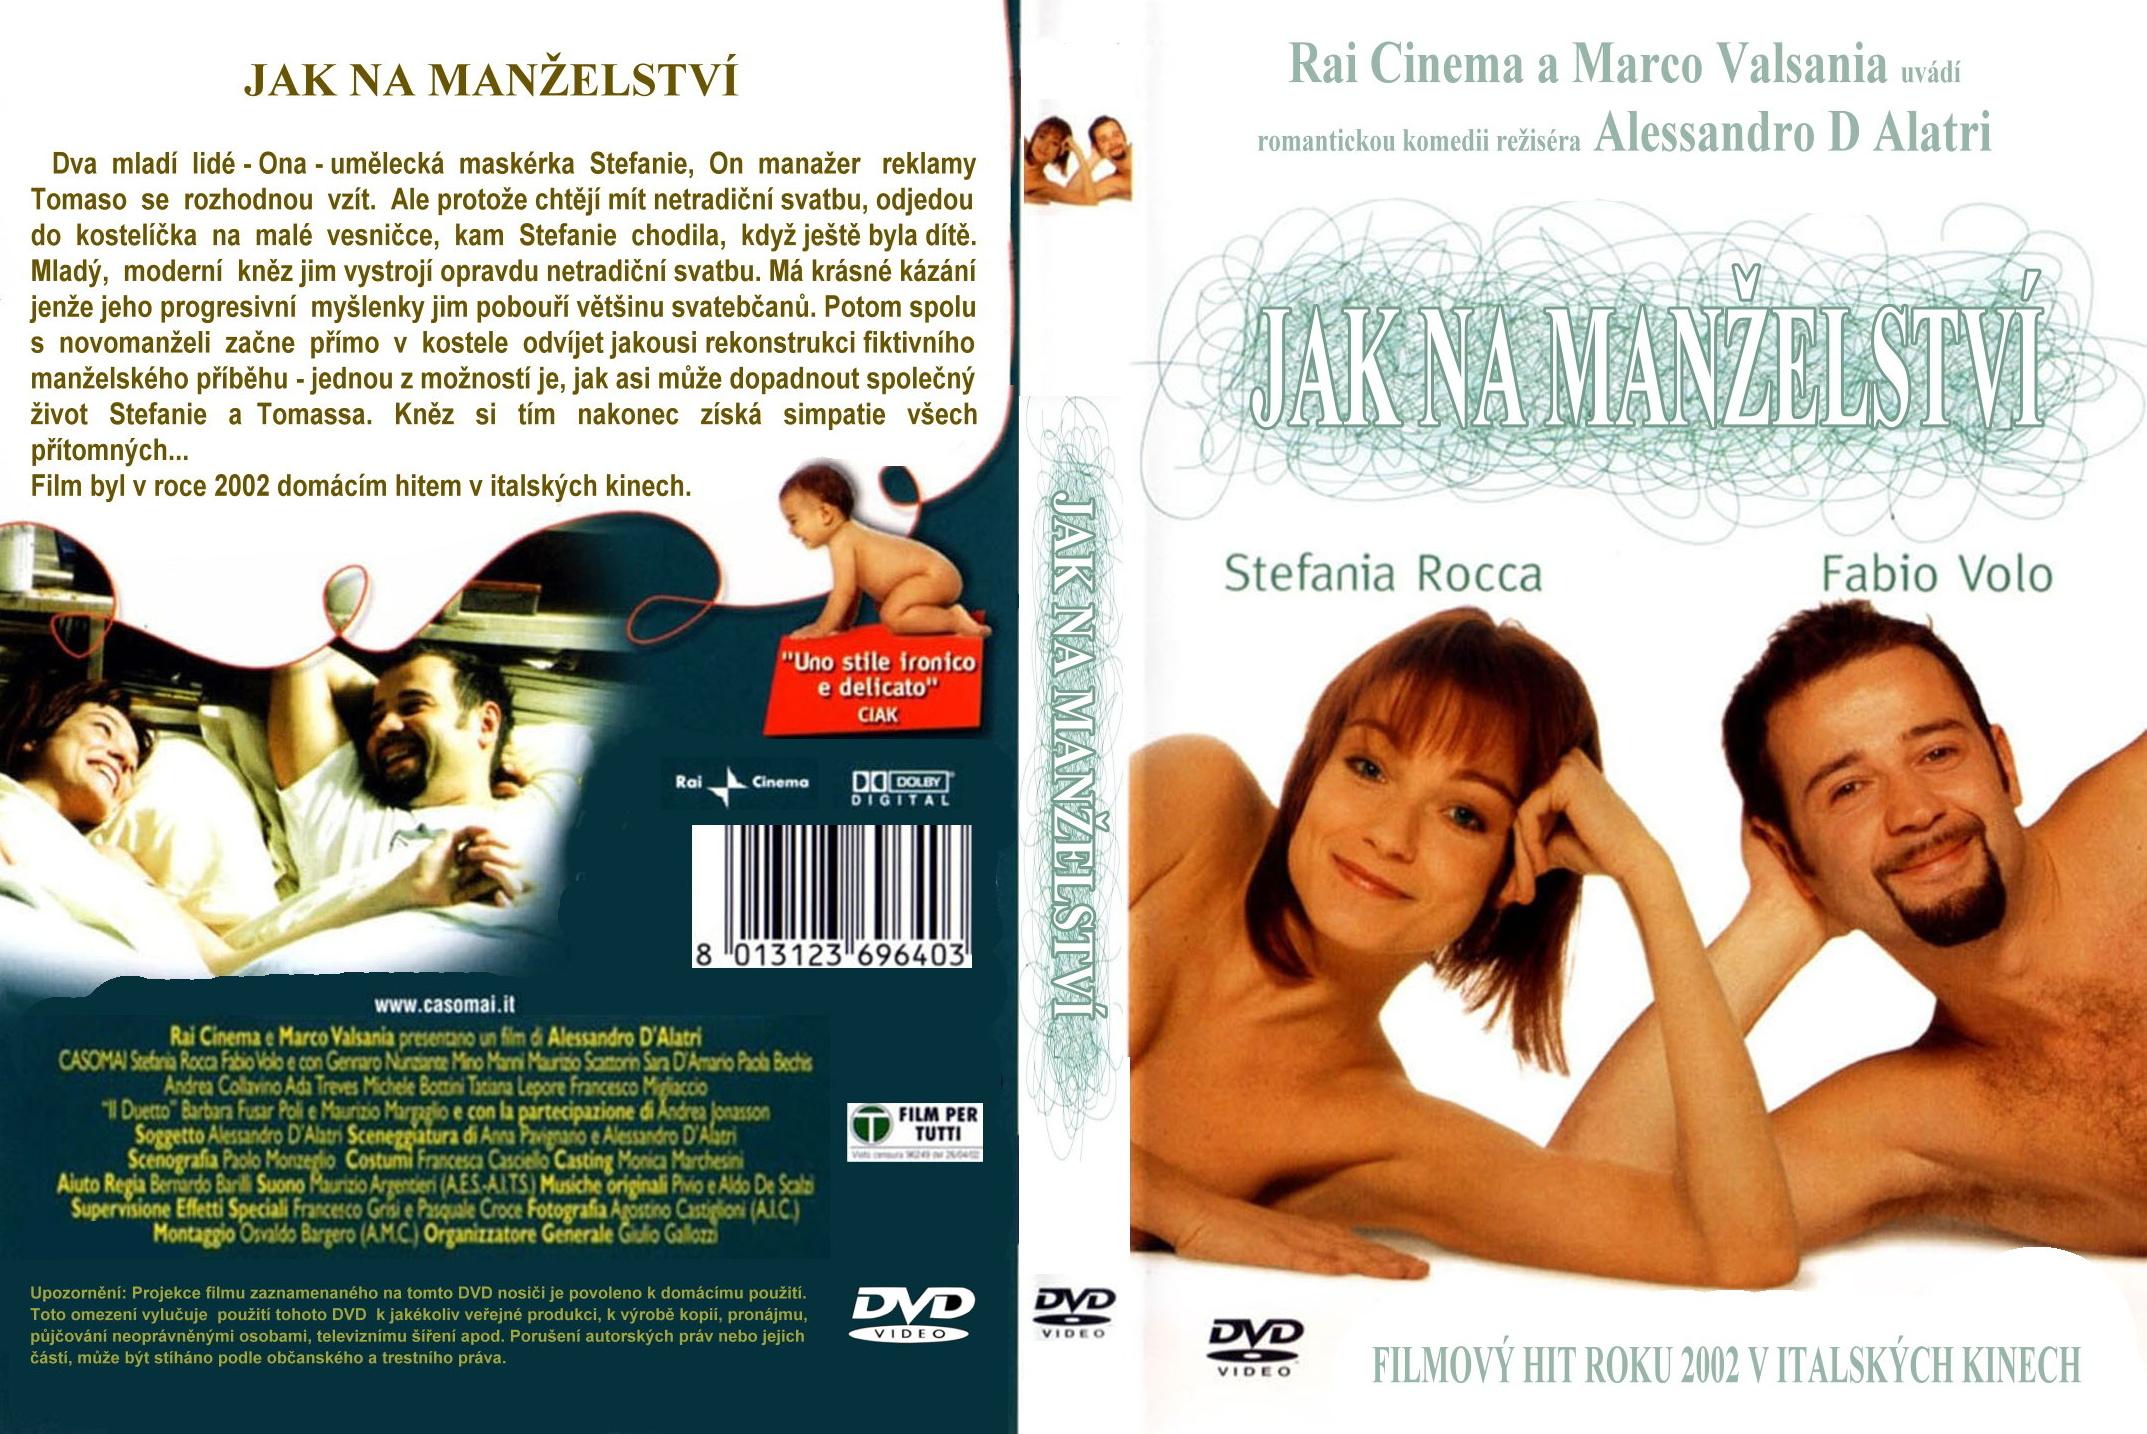 casomai  COVERS.BOX.SK ::: Casomai - high quality DVD / Blueray / Movie